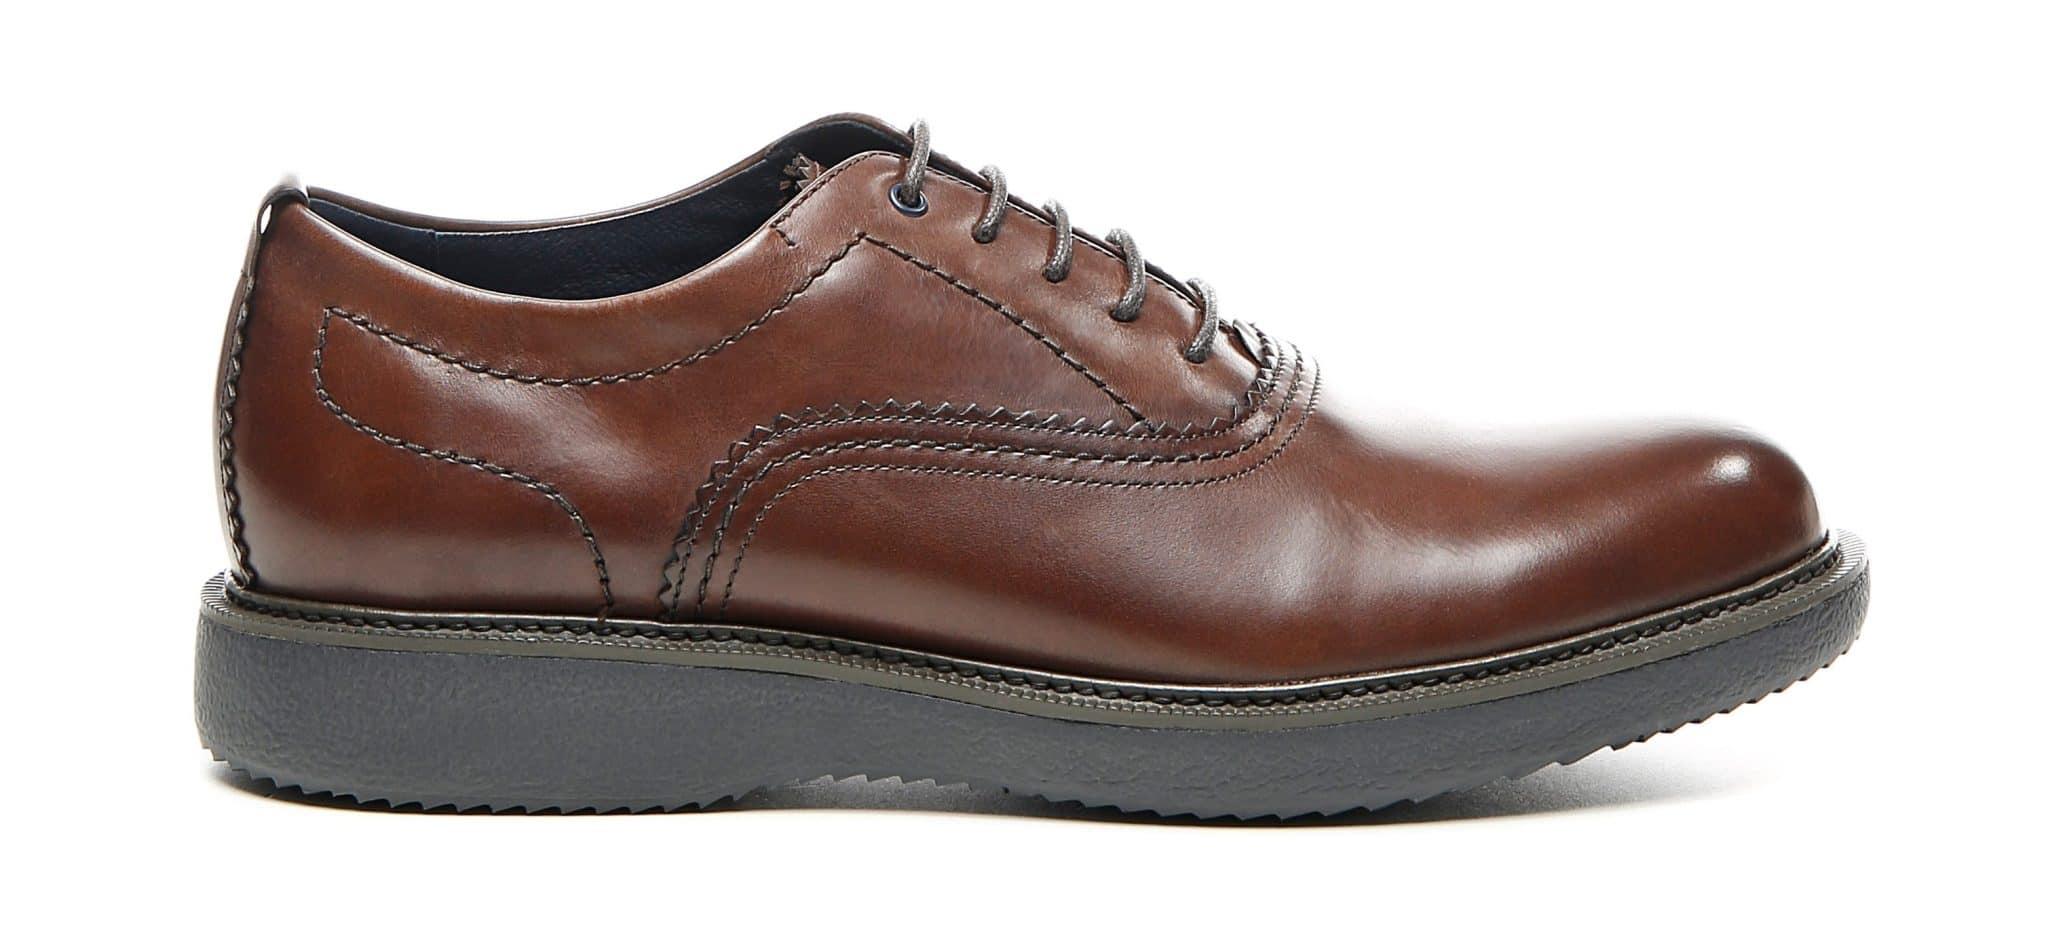 Questa era la nostra selezione di Stonefly scarpe uomo invernali per la  stagione autunno inverno 2018 2019. Foto e prezzi direttamente dal  catalogo 041d4df6d14